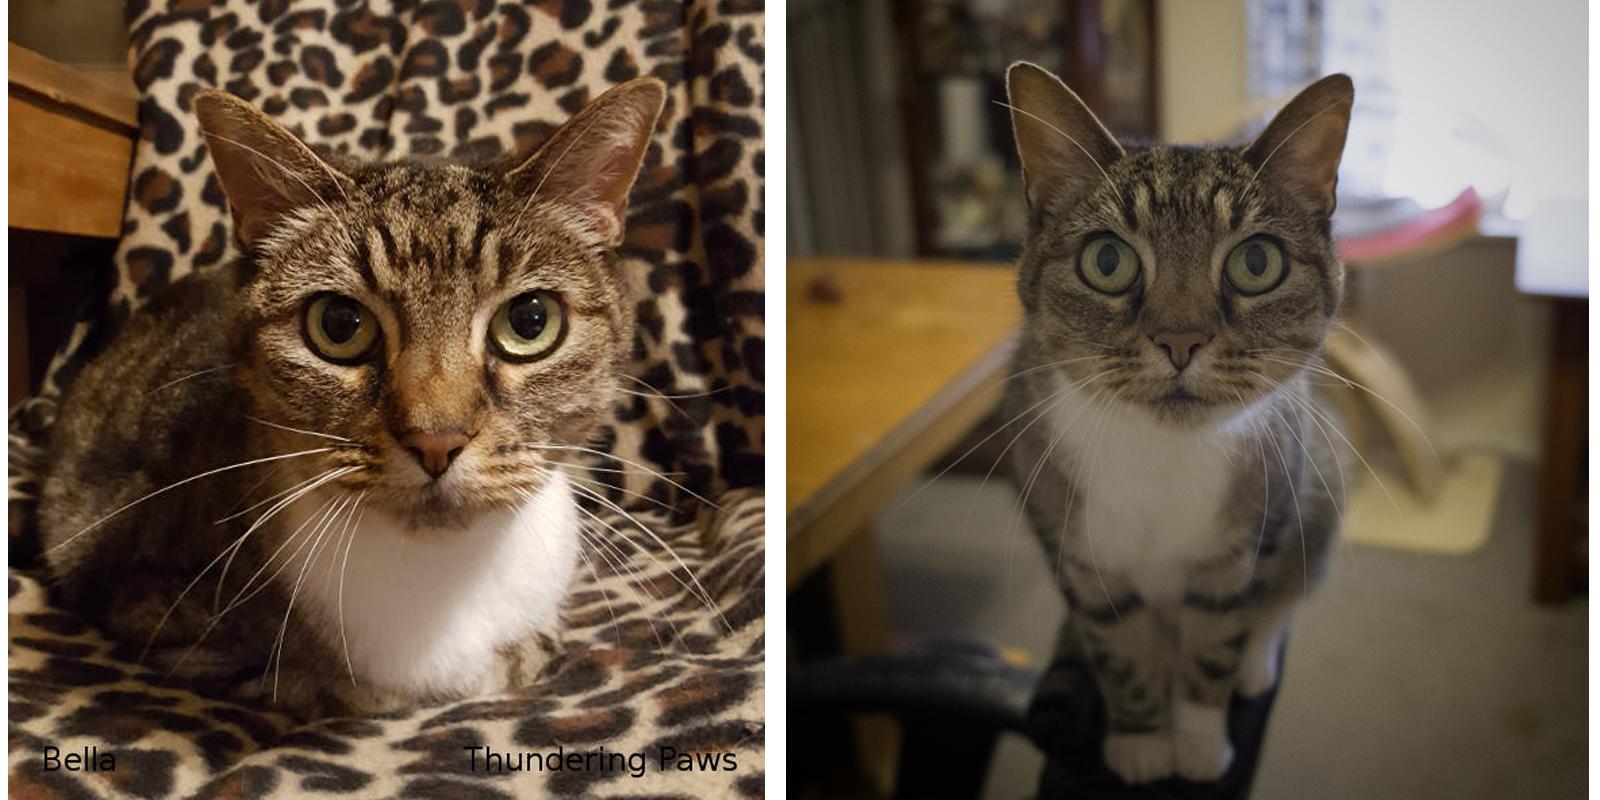 Bella, a Special Cat